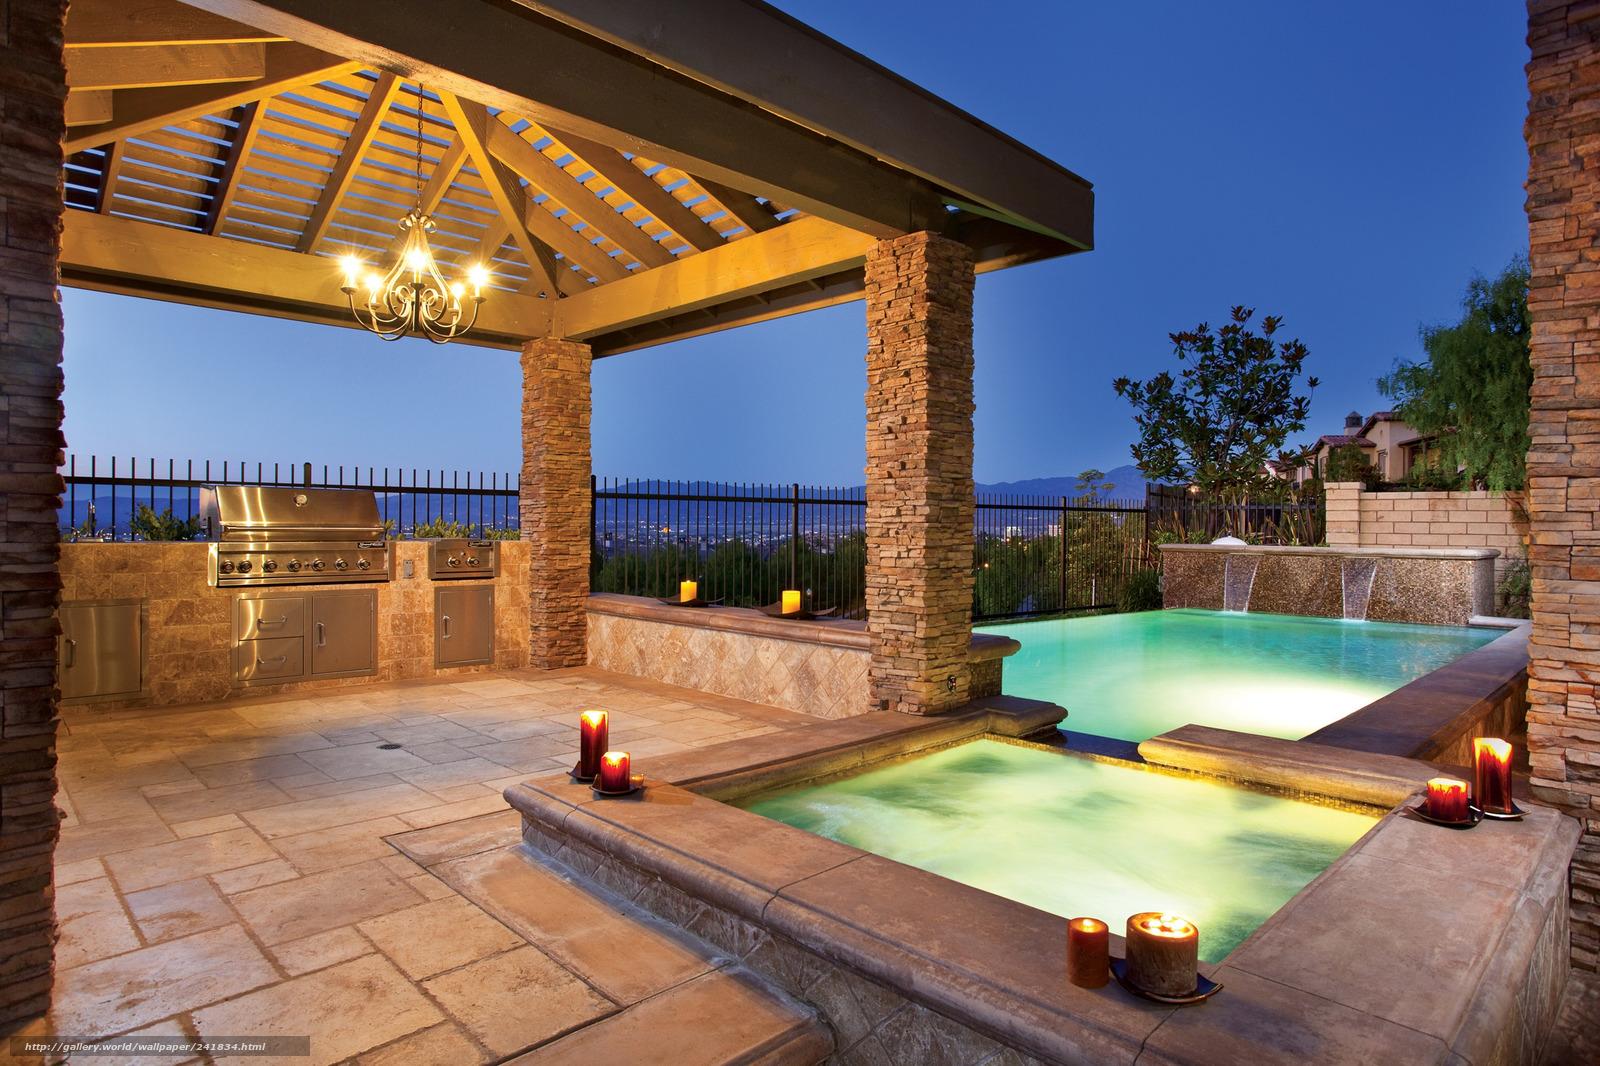 Scaricare gli sfondi piscina candele natura paesaggio for Candele per piscina